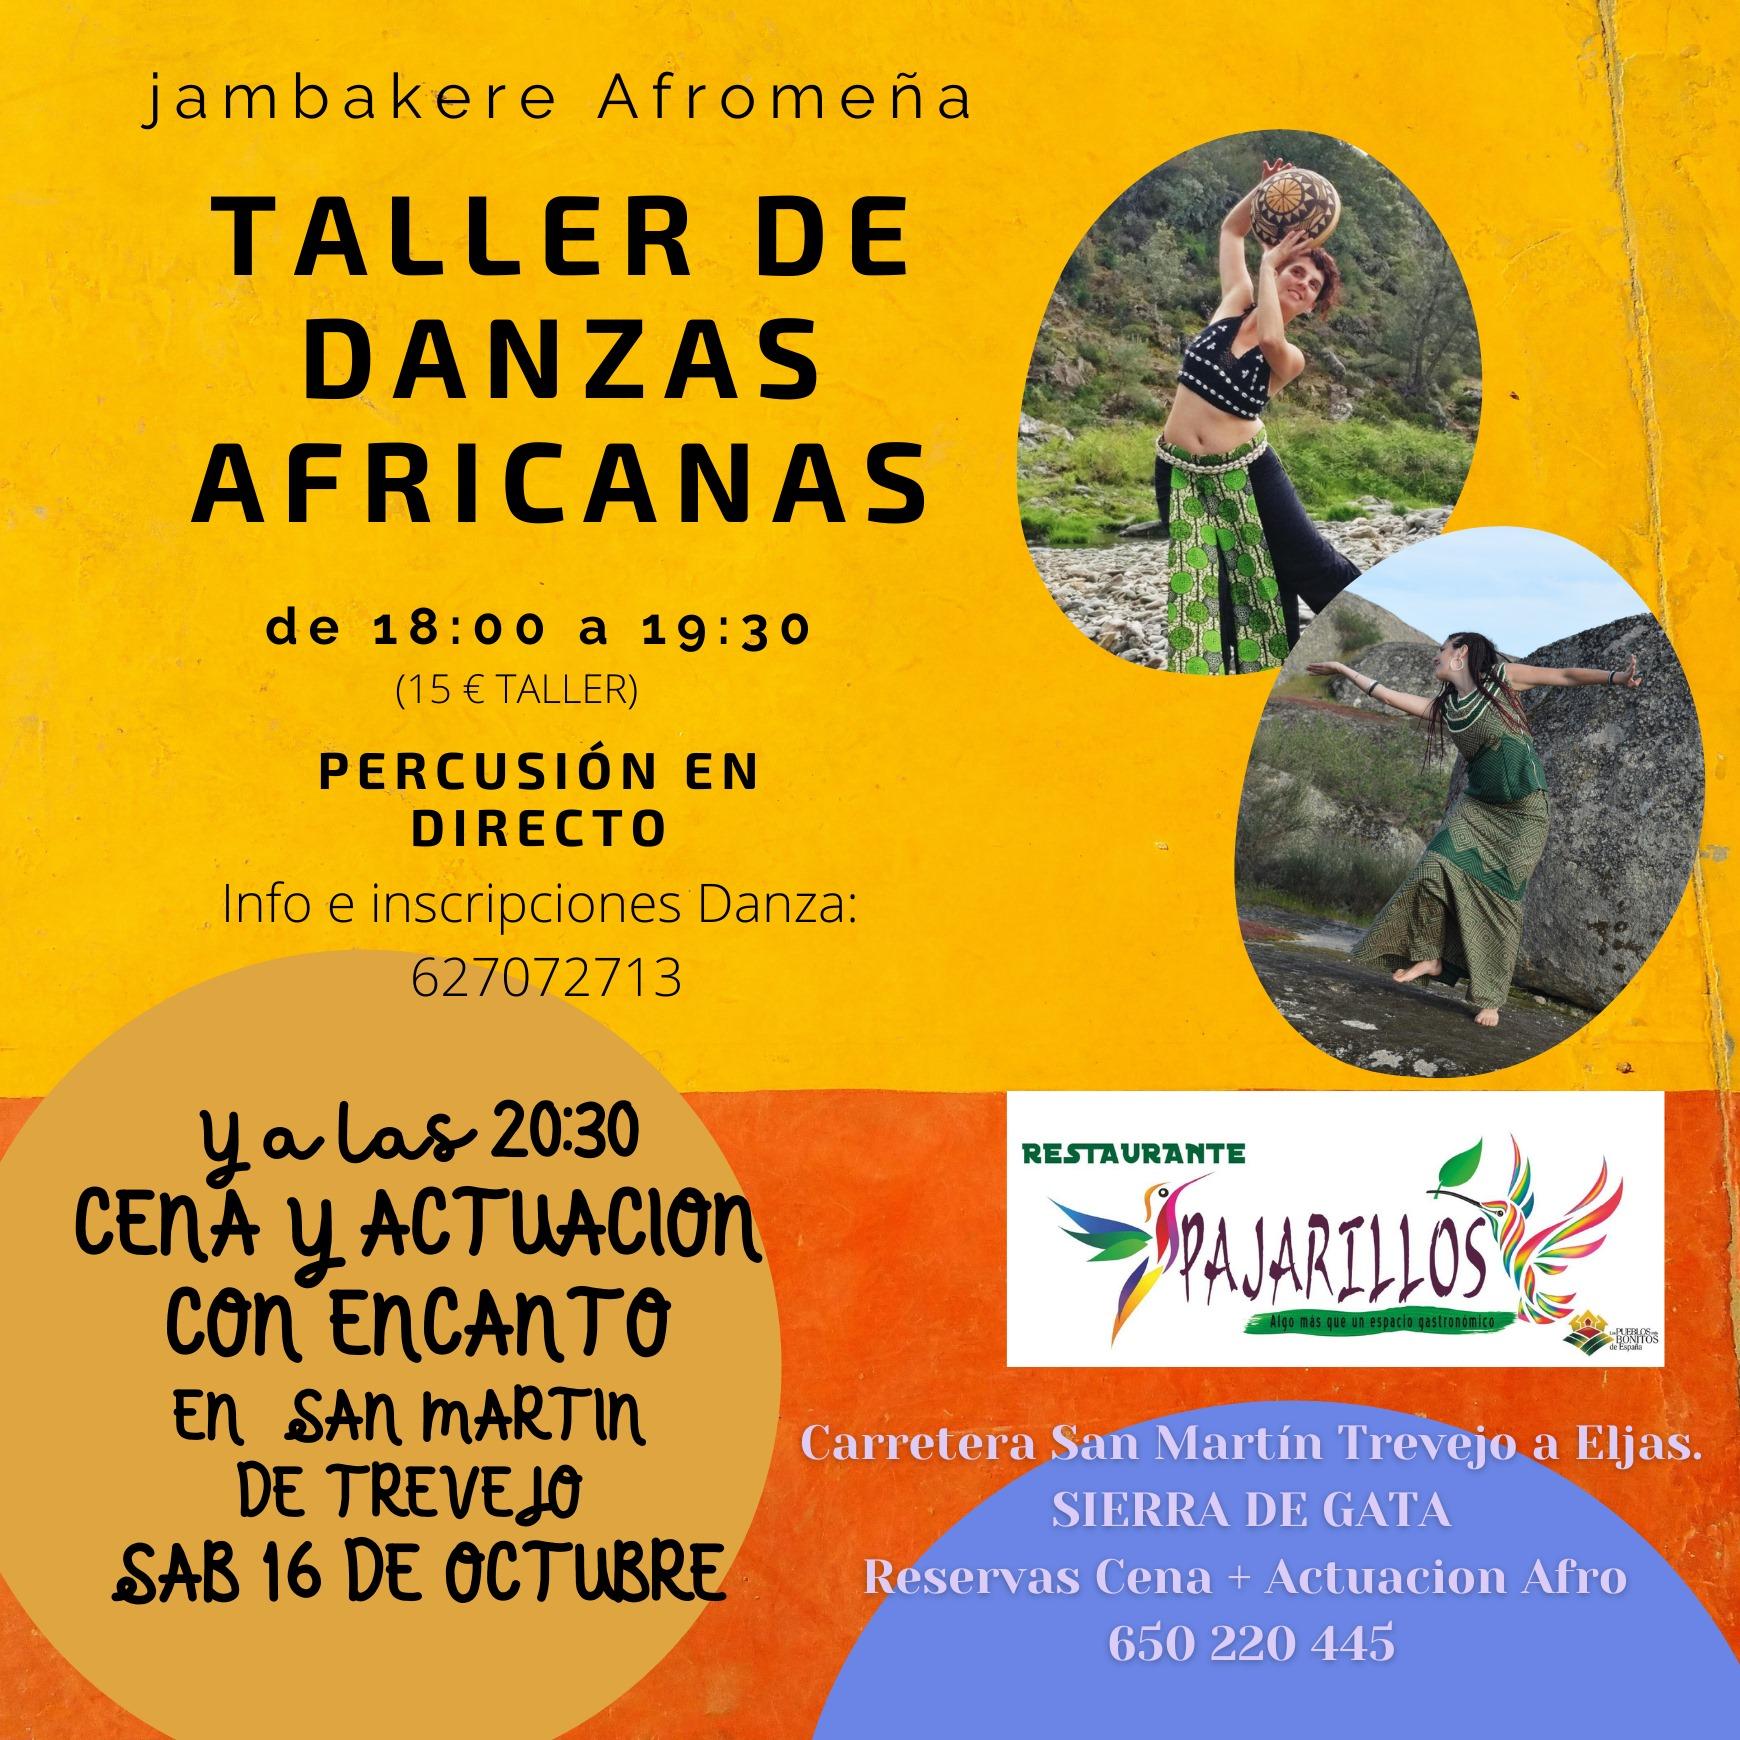 Taller de Danza Africana del Oeste en Sierra de Gata (Cáceres)